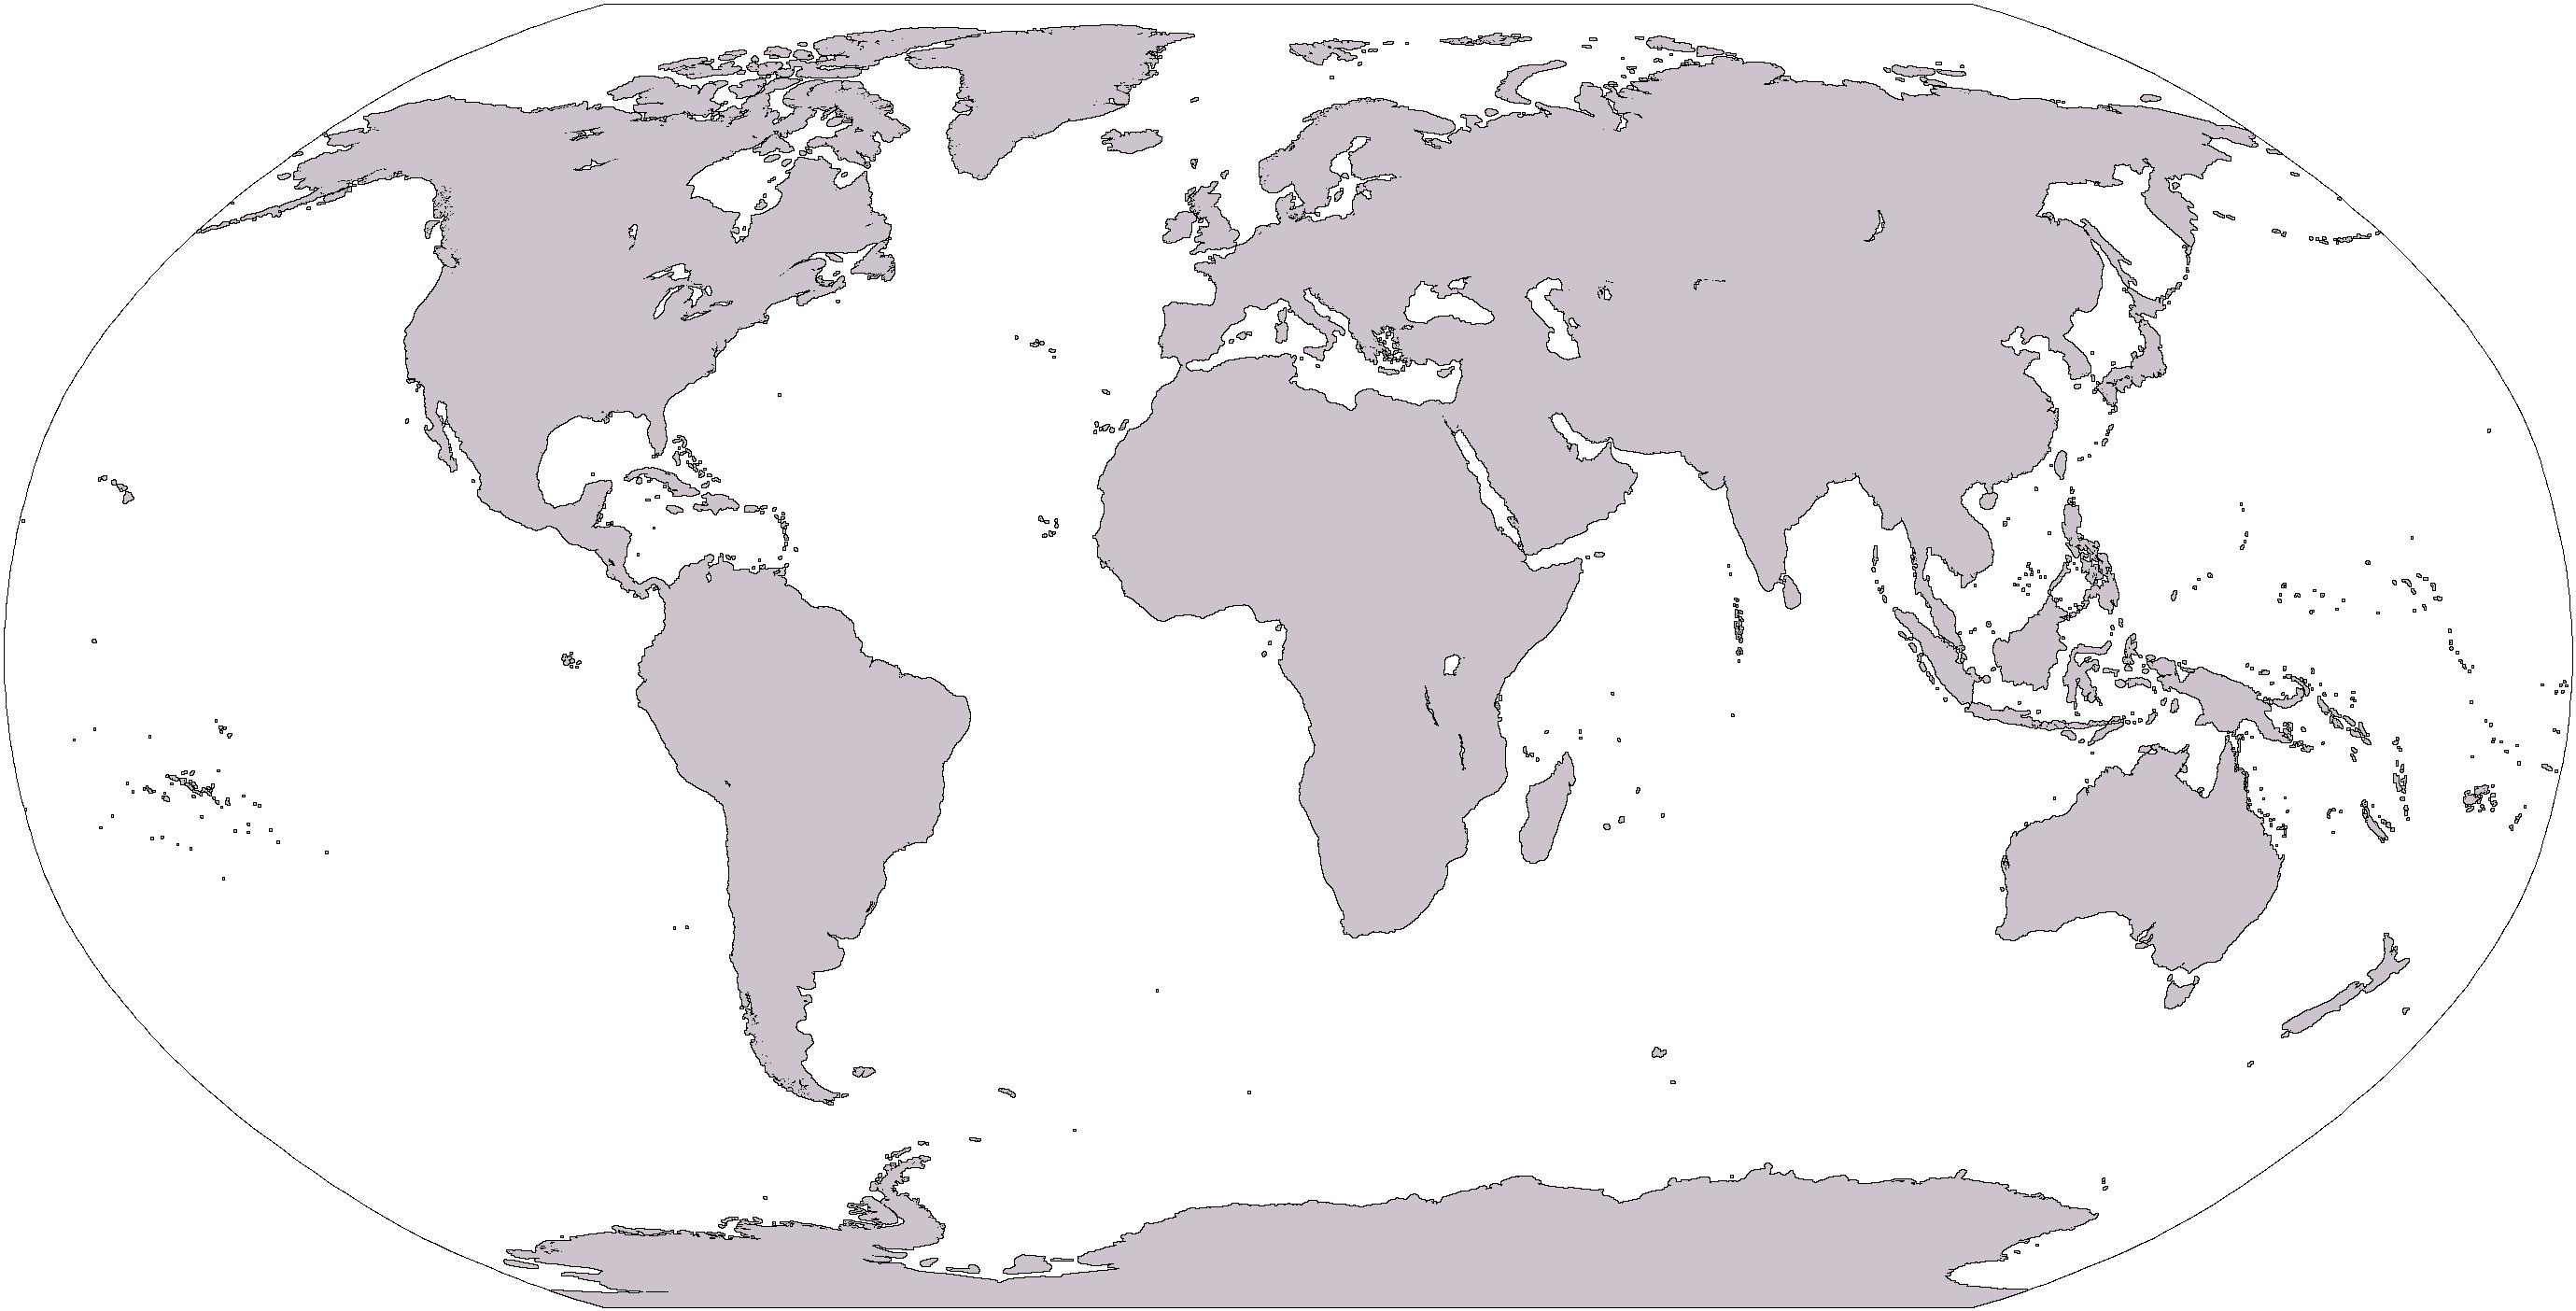 blank map directory world 1 wiki